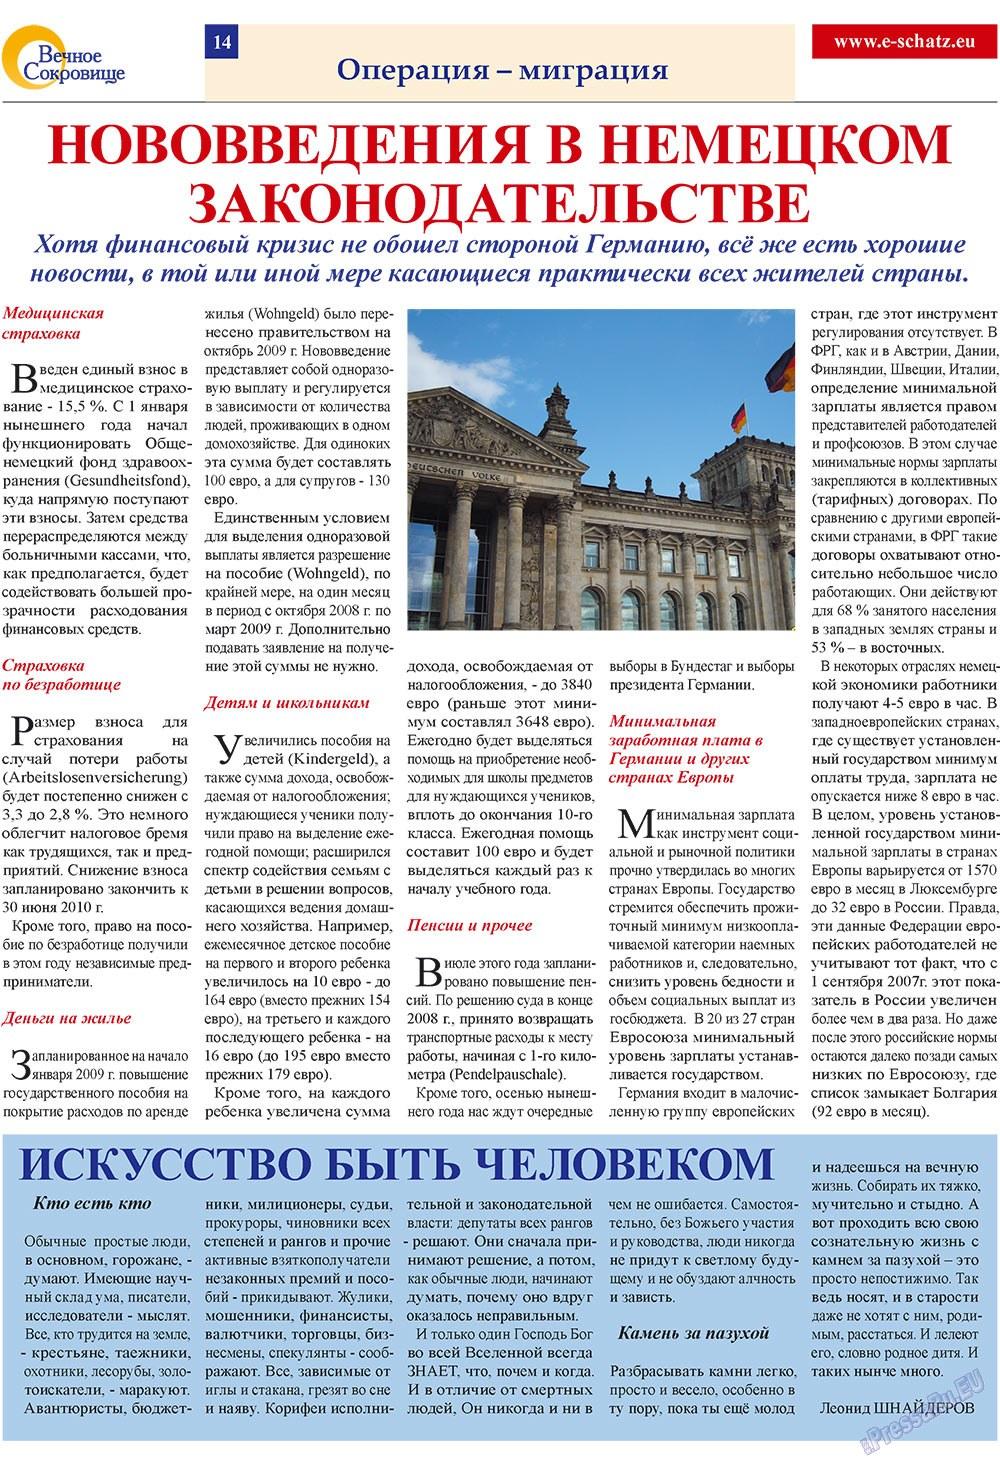 Вечное сокровище (газета). 2009 год, номер 1, стр. 14